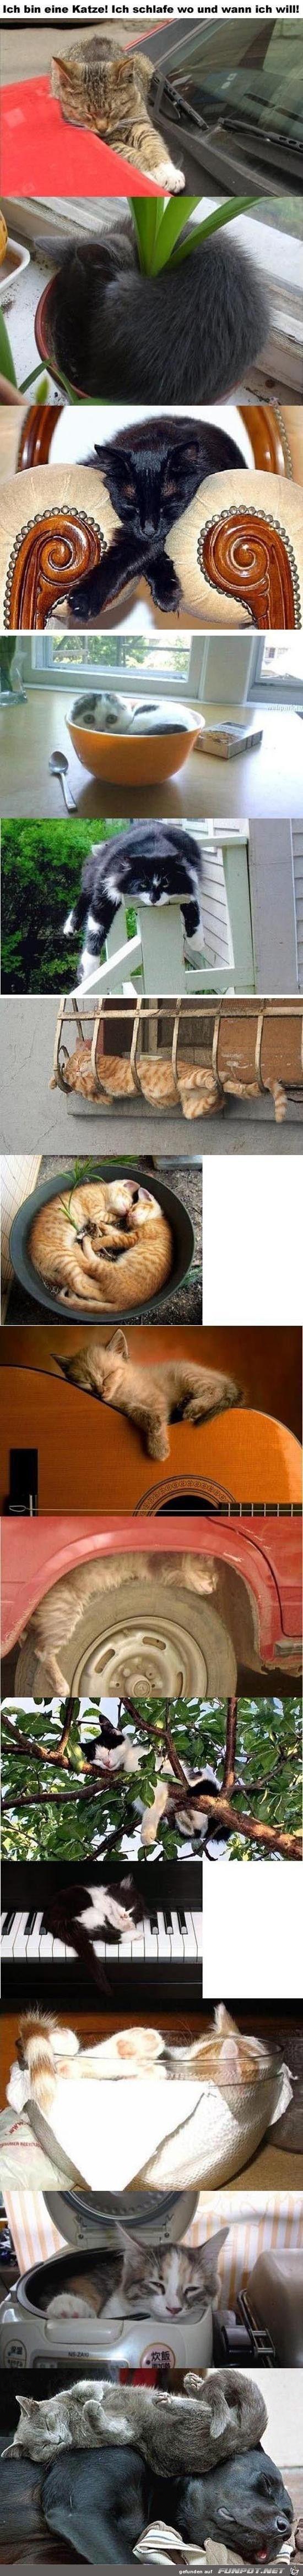 Lustige Schlafplätze Silly kit katz